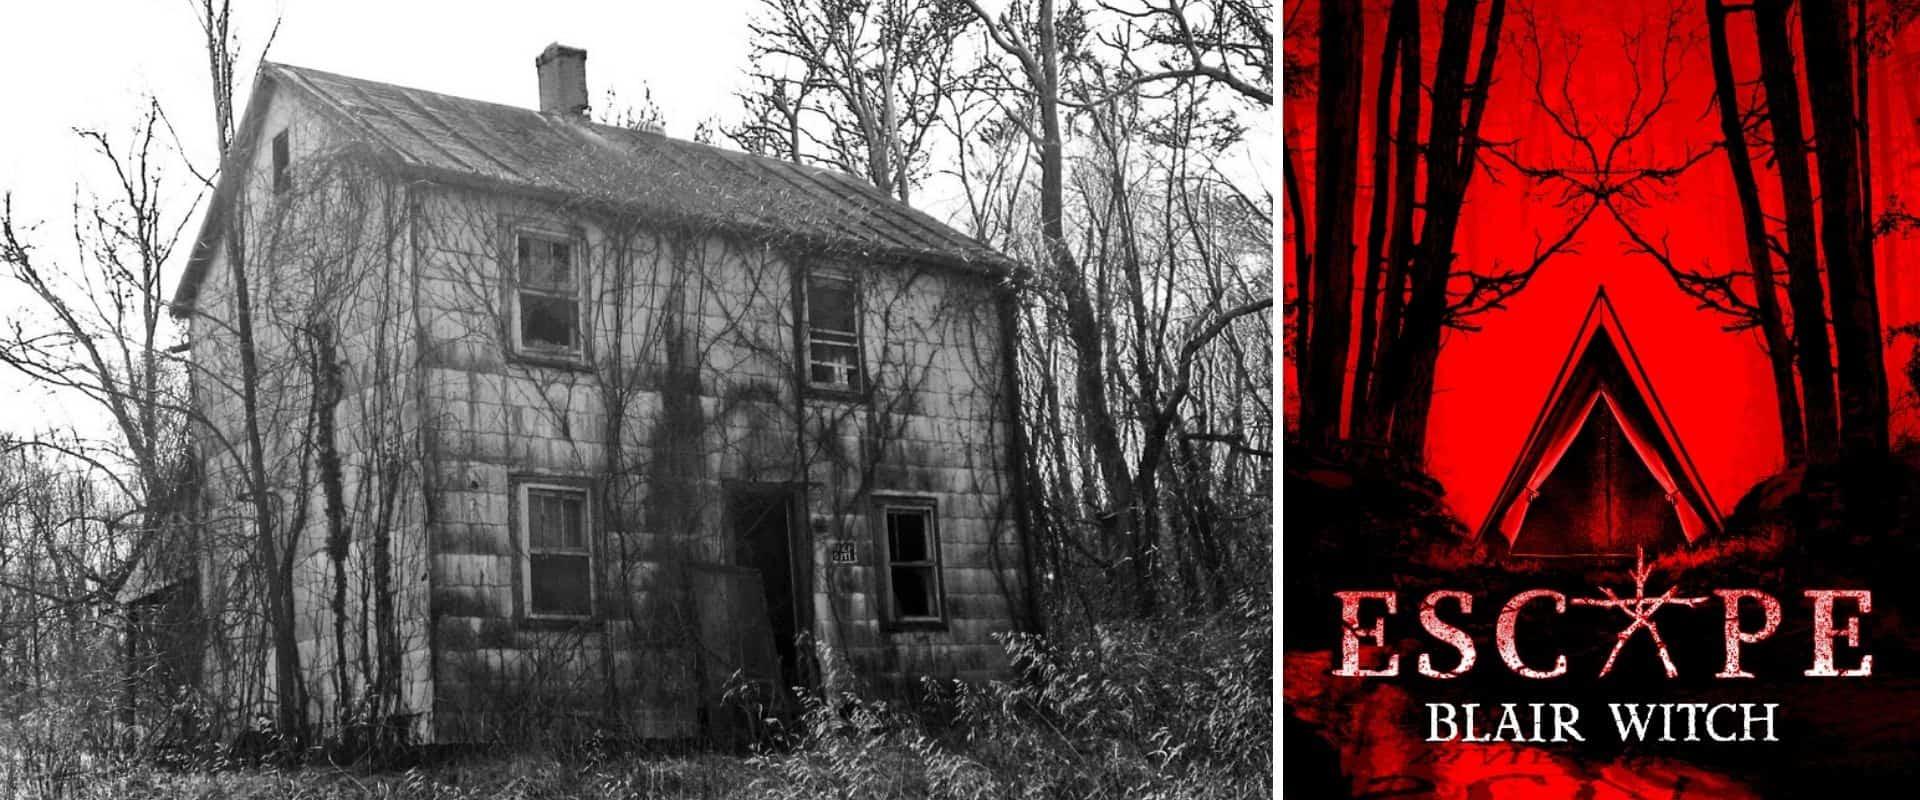 Pronto abrirá una casa de escape inspirada en la película de Blair Witch y planean que sea tan aterradora como sea posible